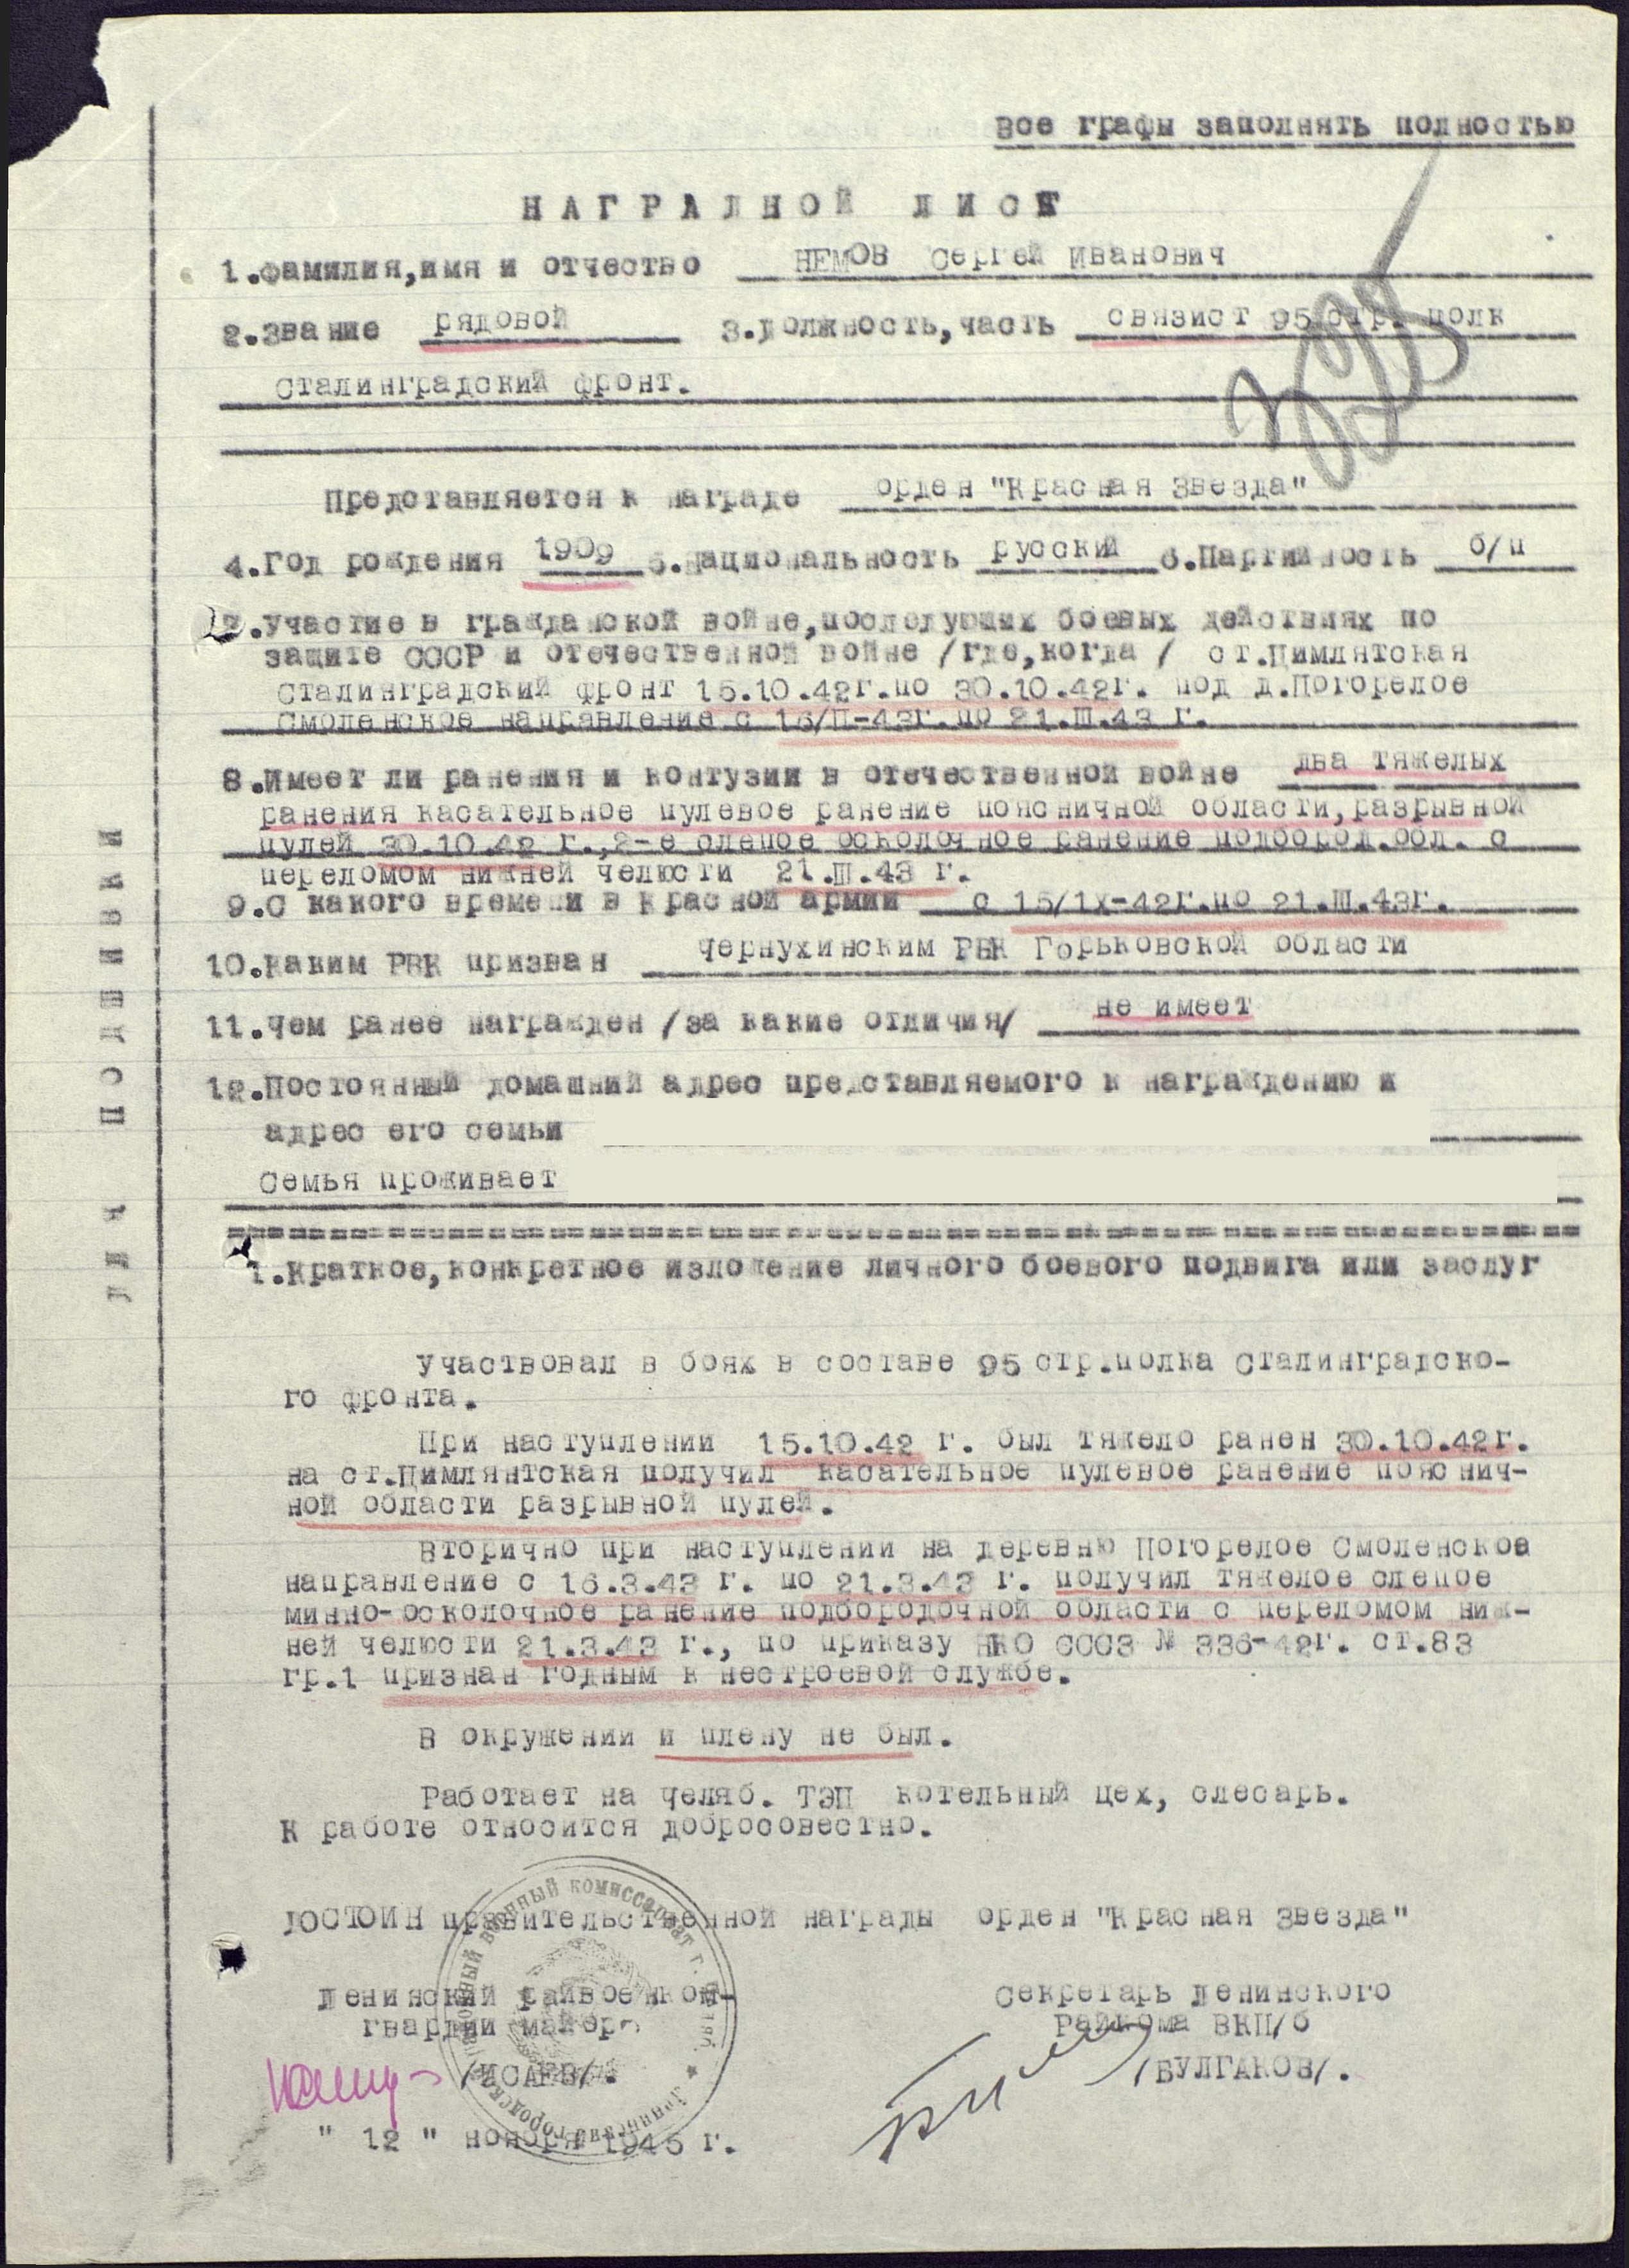 Наградной лист Кузина Александра Васильевича о представлении к награждению медалью за боевые заслуги